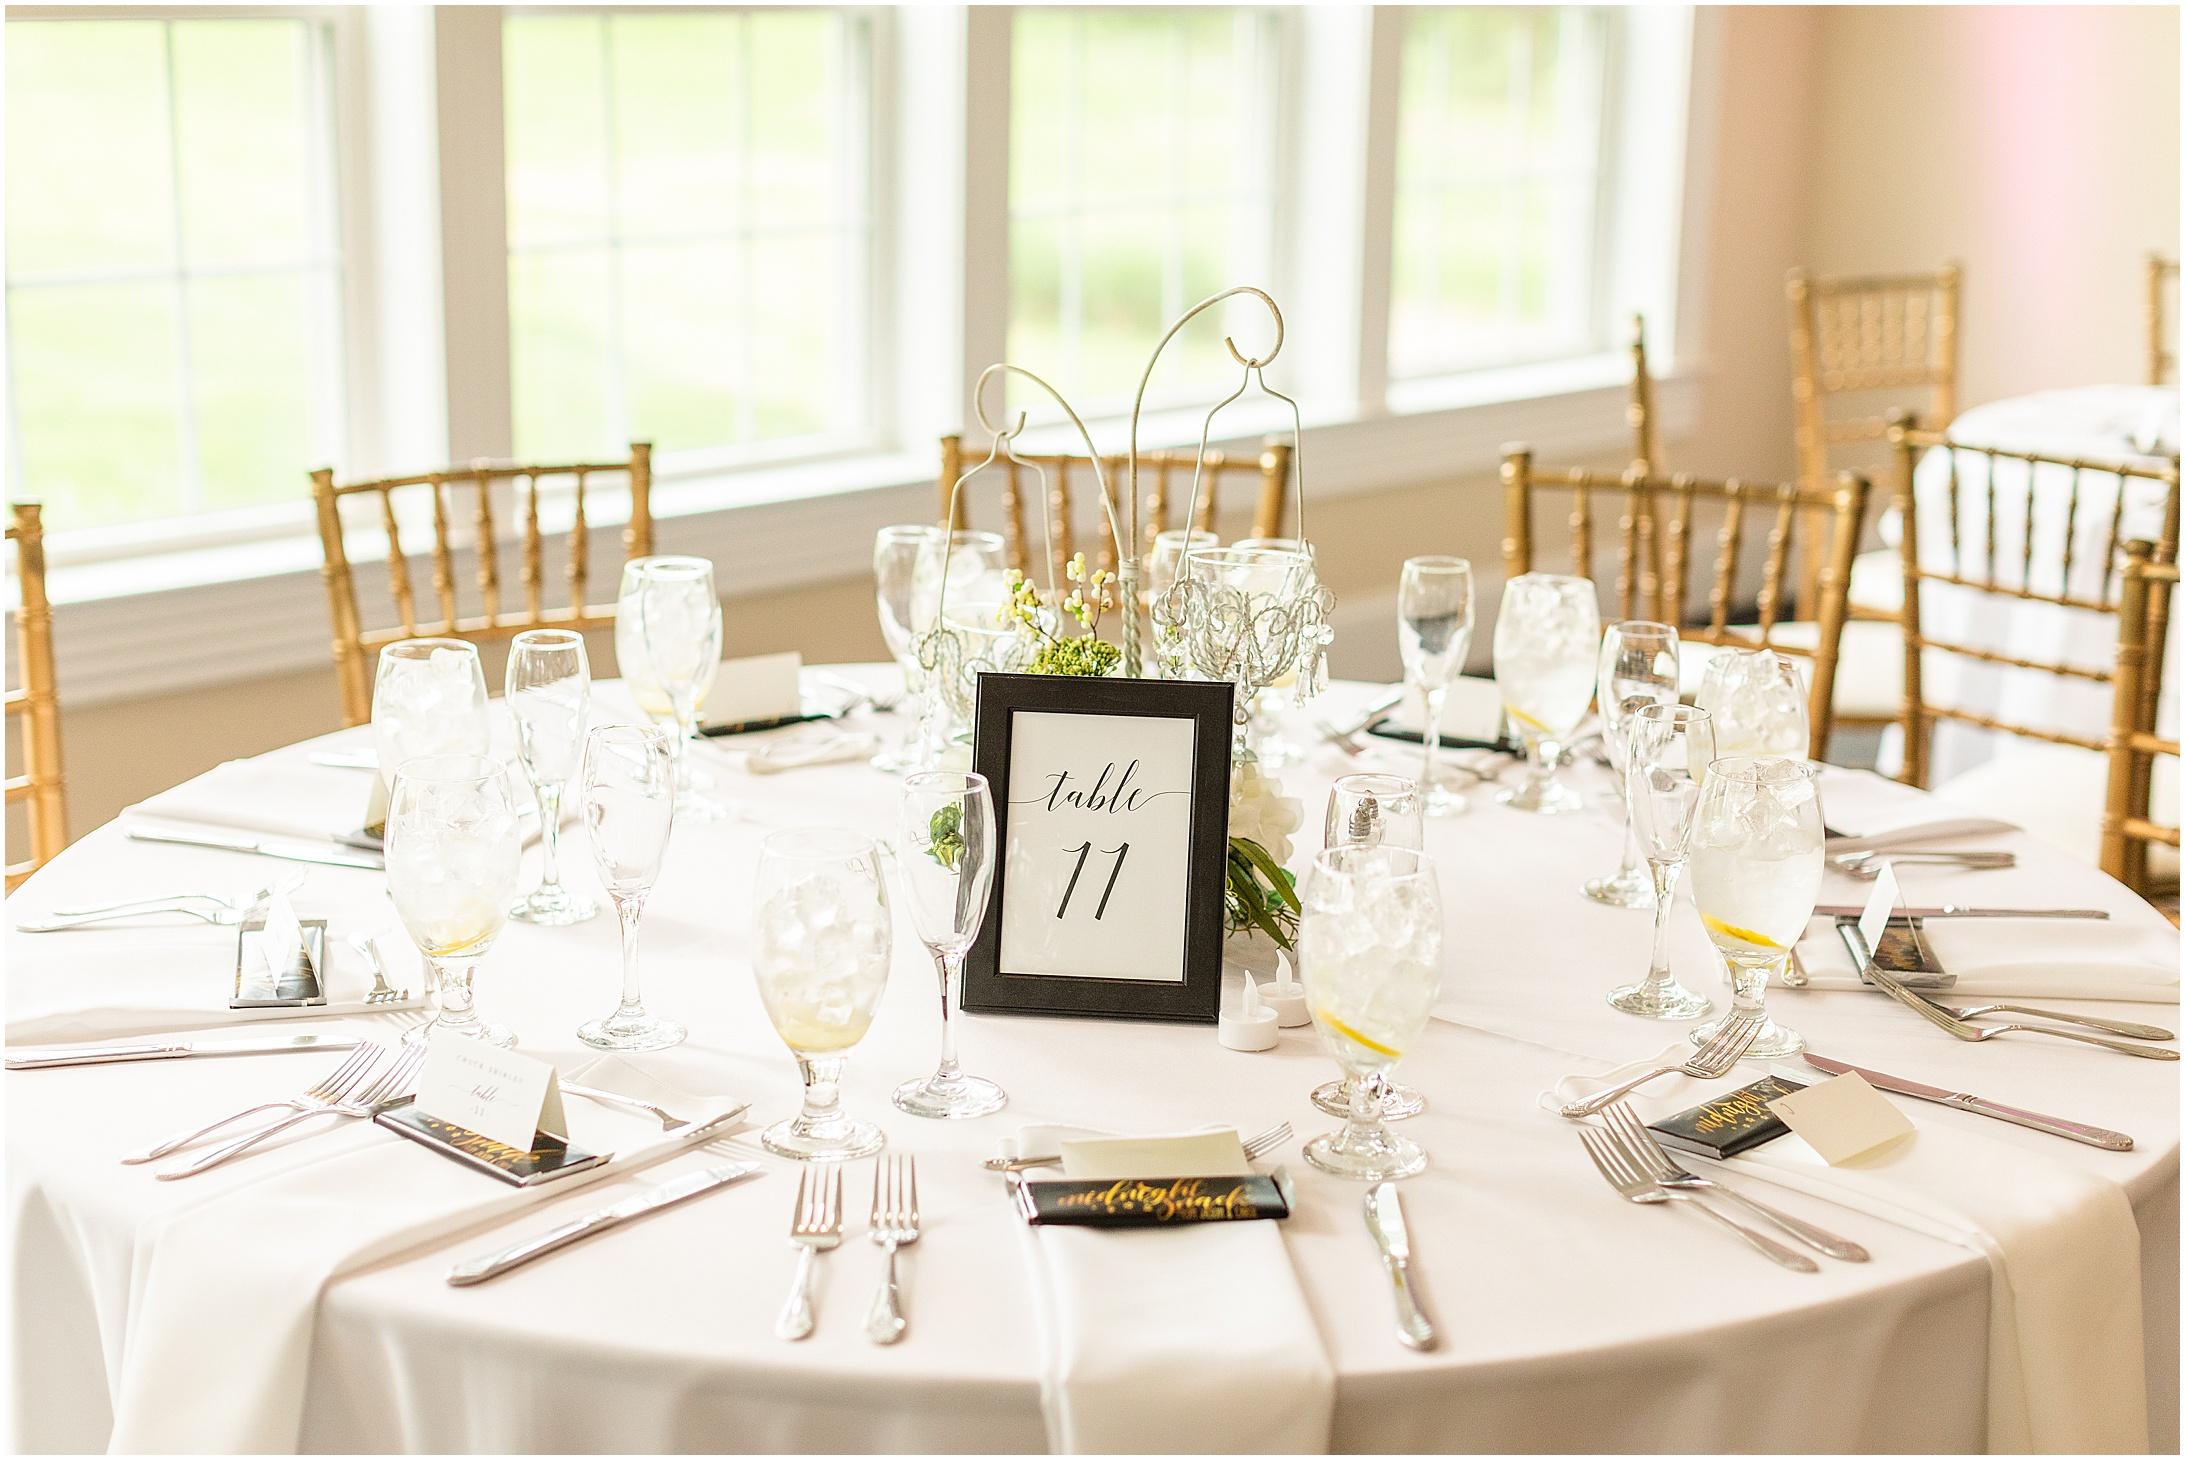 Stone-manor-country-club-wedding-photos-140.jpg